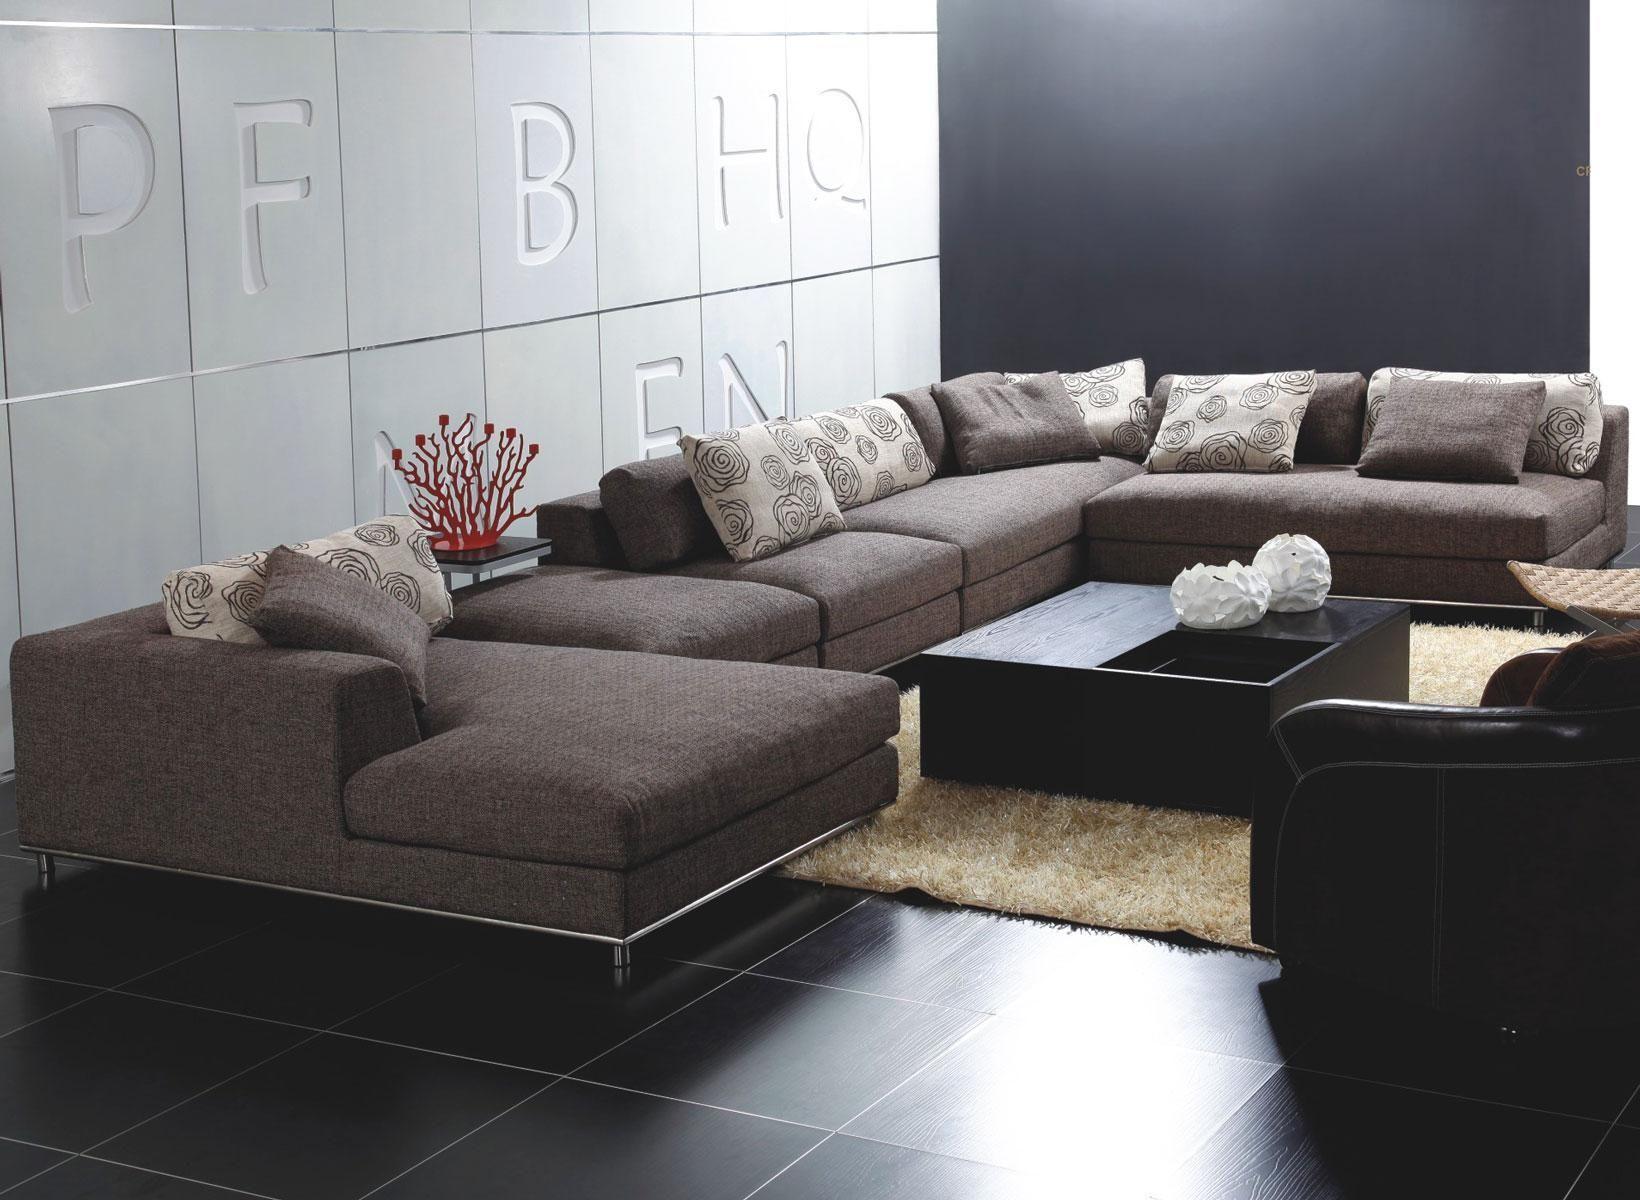 Sofa Express Microfiber Sectional